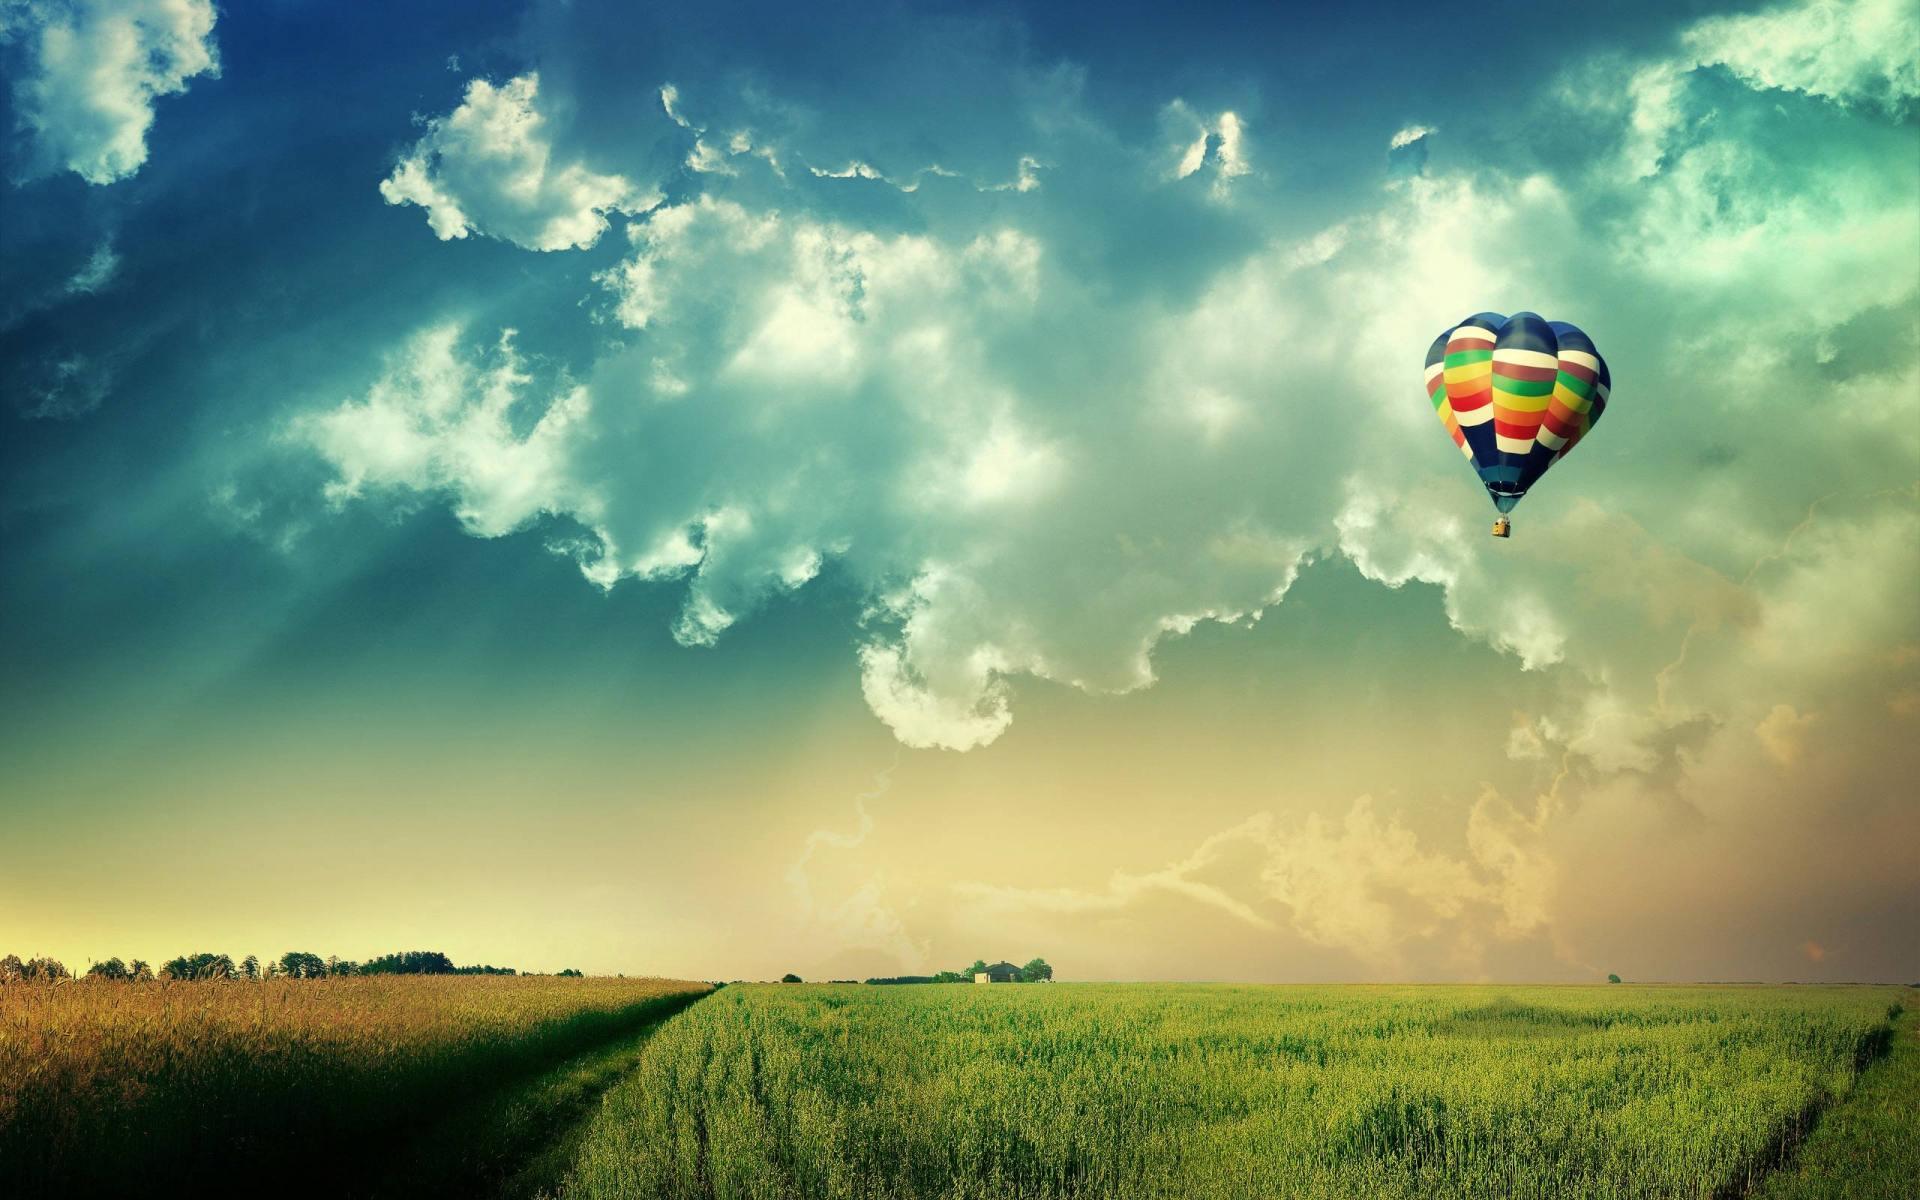 sweet landscape images